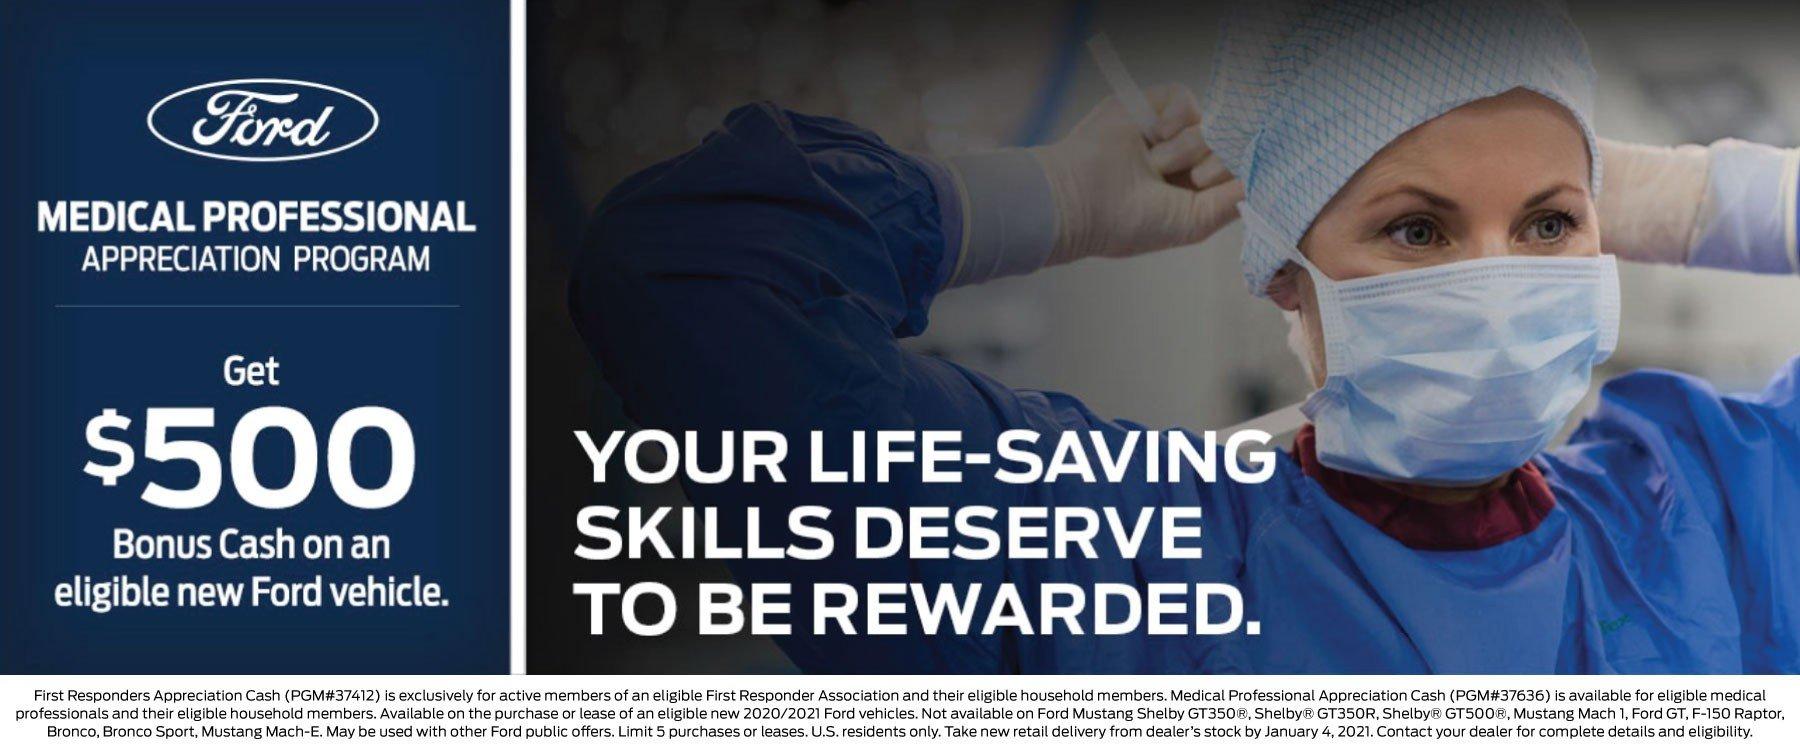 Medical Professionals Bonus Appreciation Cash Offer 1-4-2021